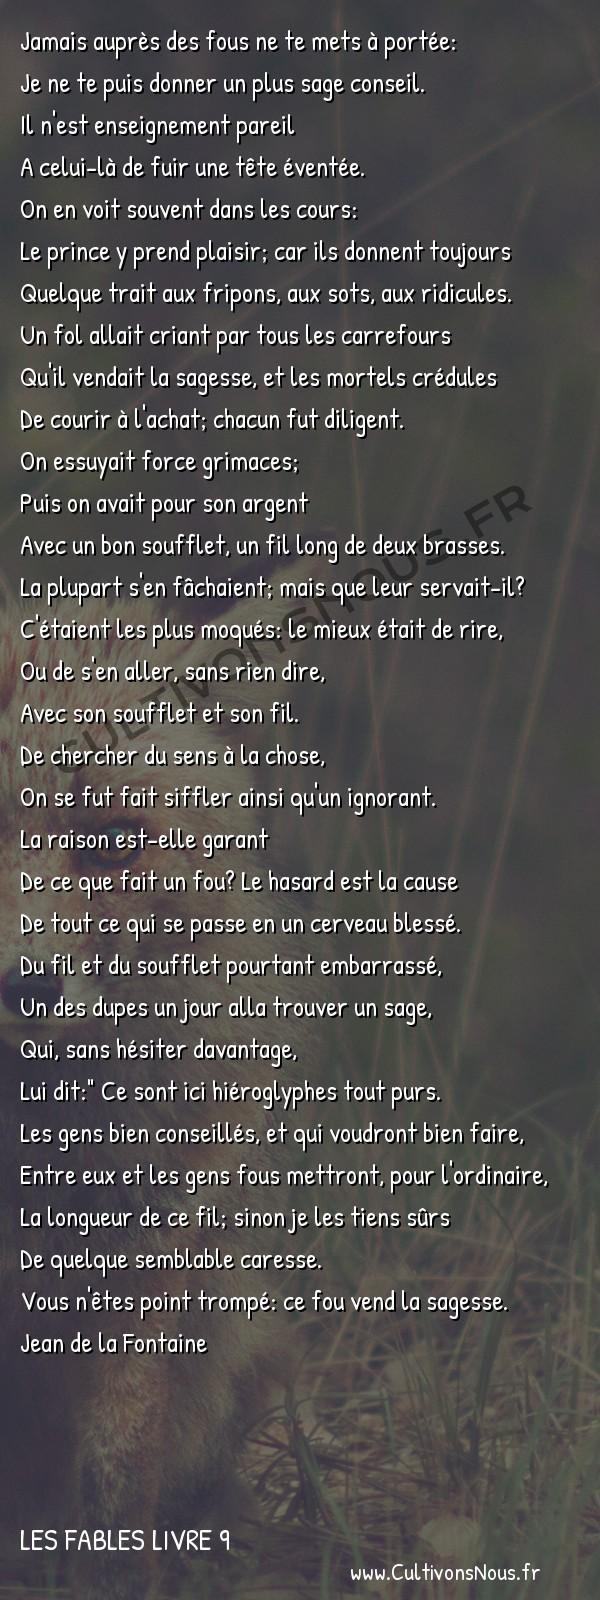 Fables Jean de la Fontaine - Les fables Livre 9 - Le Fou qui vend la sagesse -   Jamais auprès des fous ne te mets à portée: Je ne te puis donner un plus sage conseil.